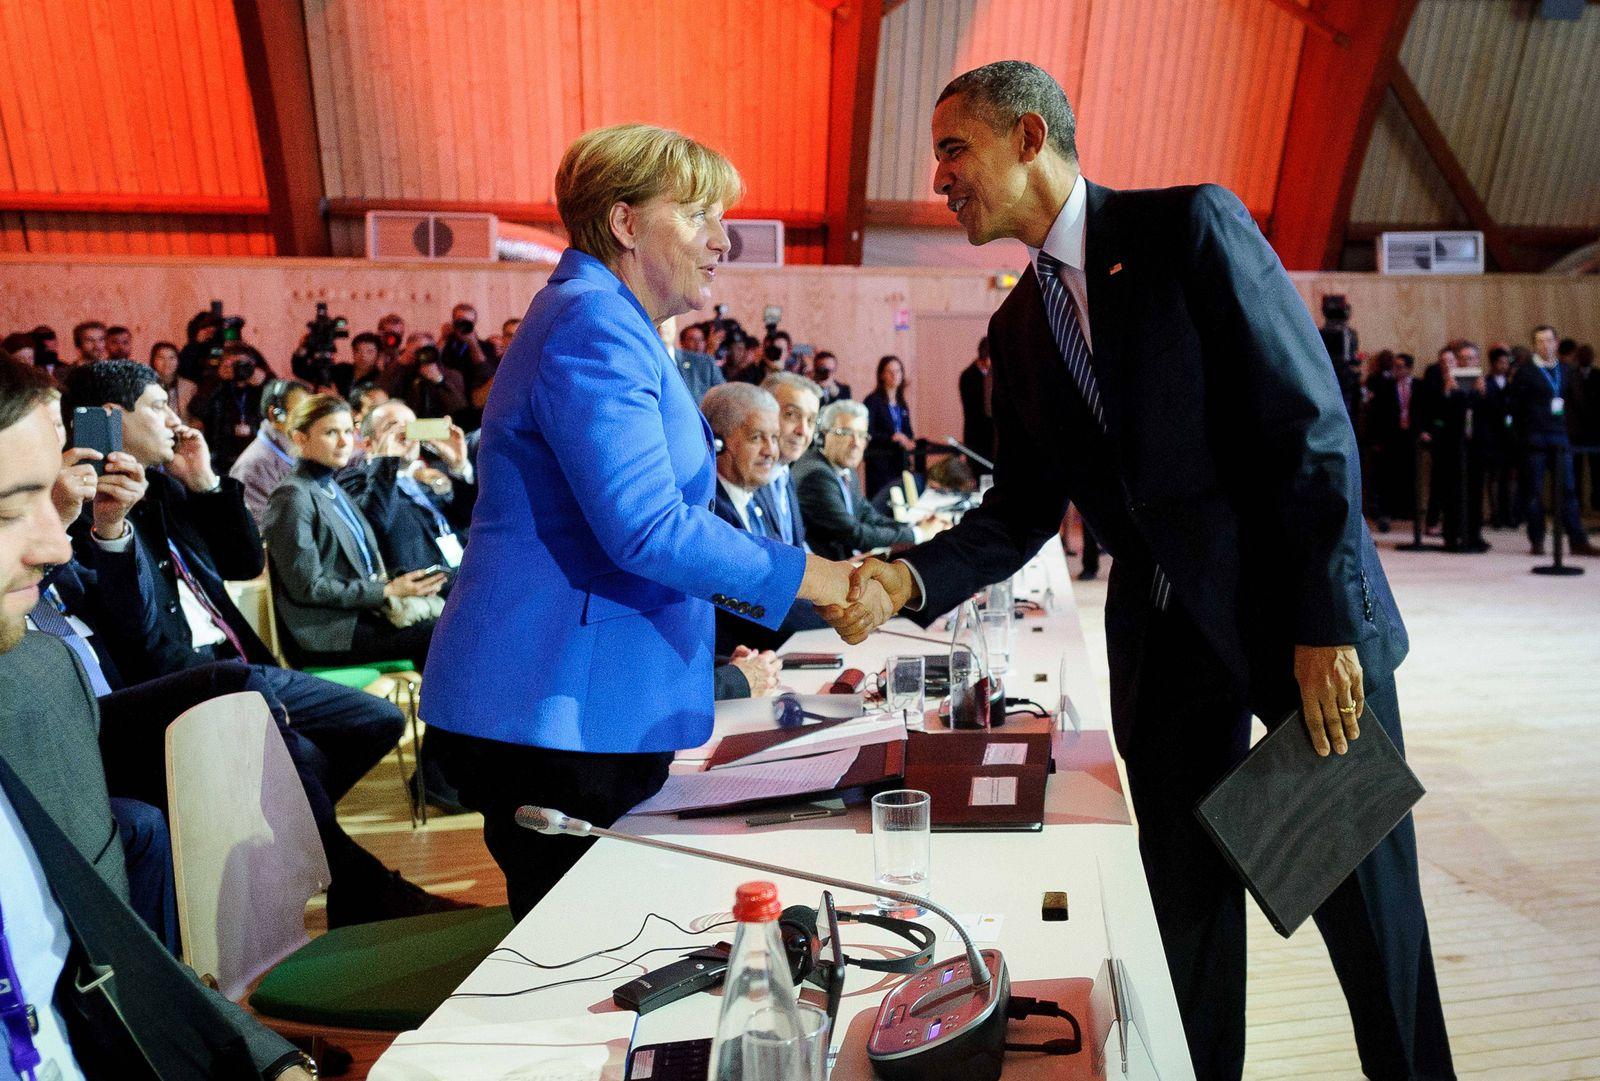 Nov 30 2015 Le Bourget France U S President Barack Obama greets German Chancellor Angela Mer